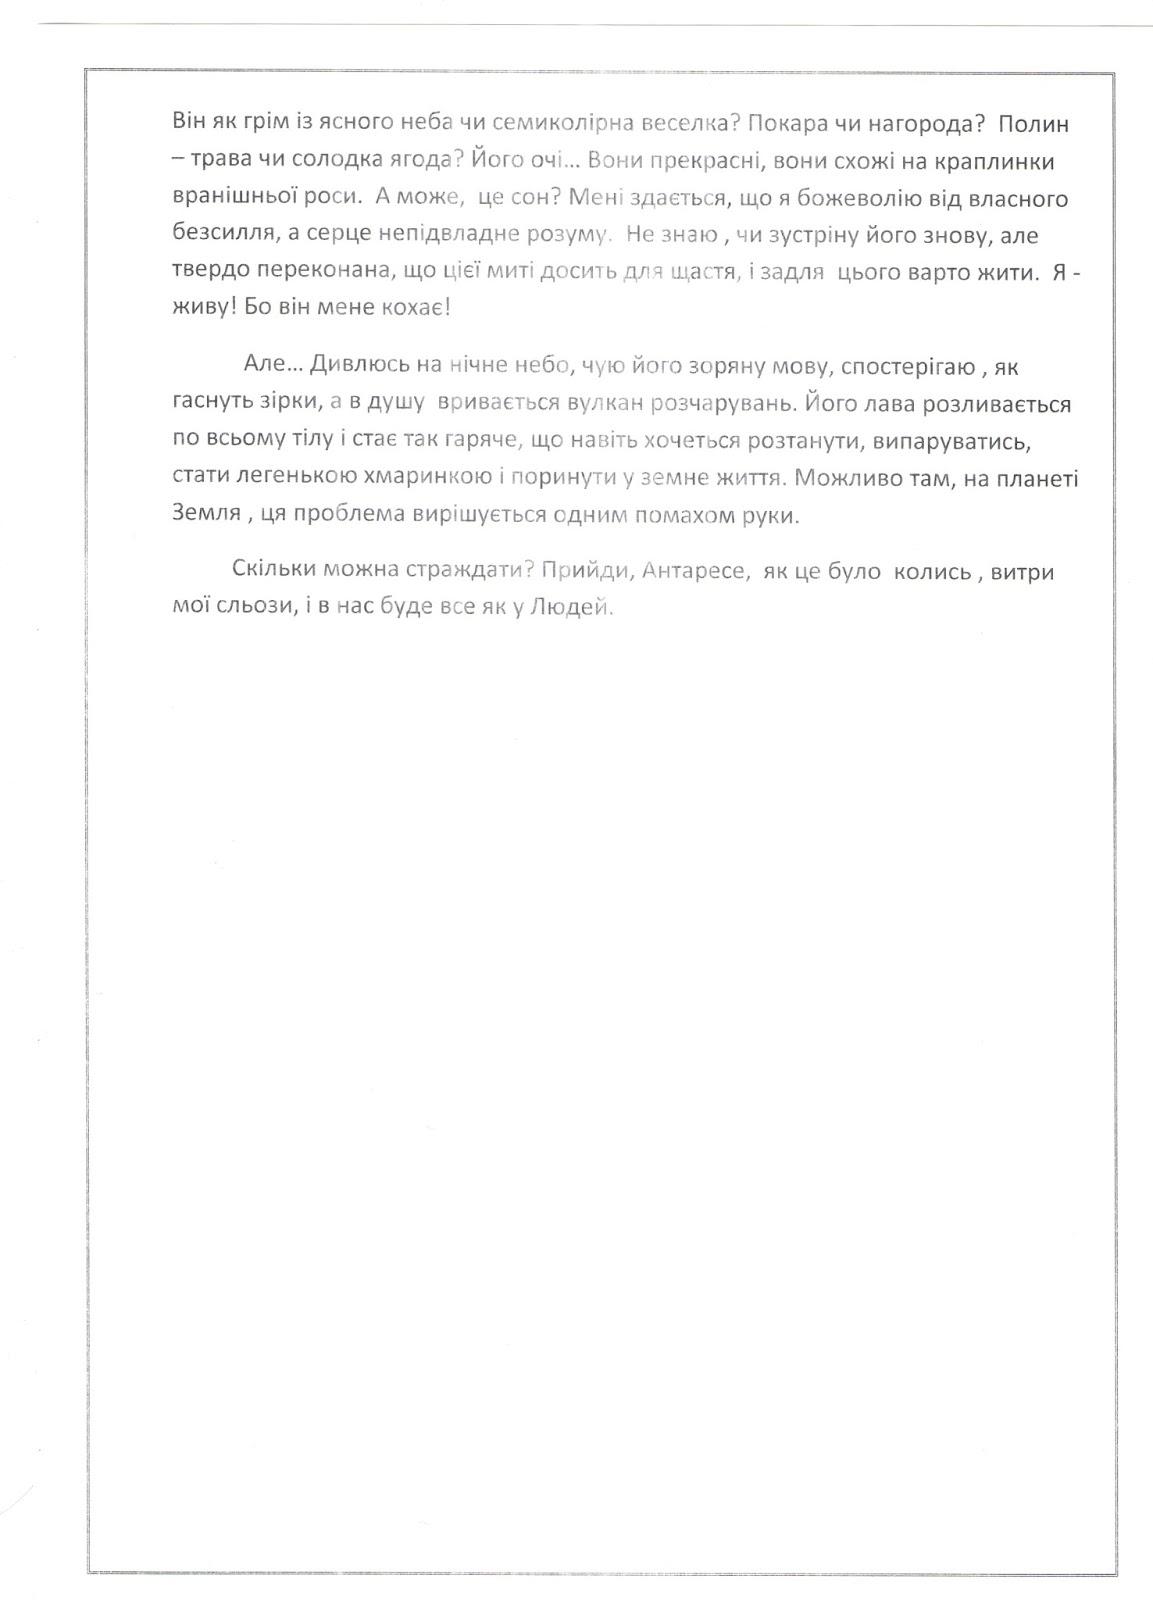 9003ca3139bcd9 Блог учителя біології Гудько Любові Василівни: лютого 2017